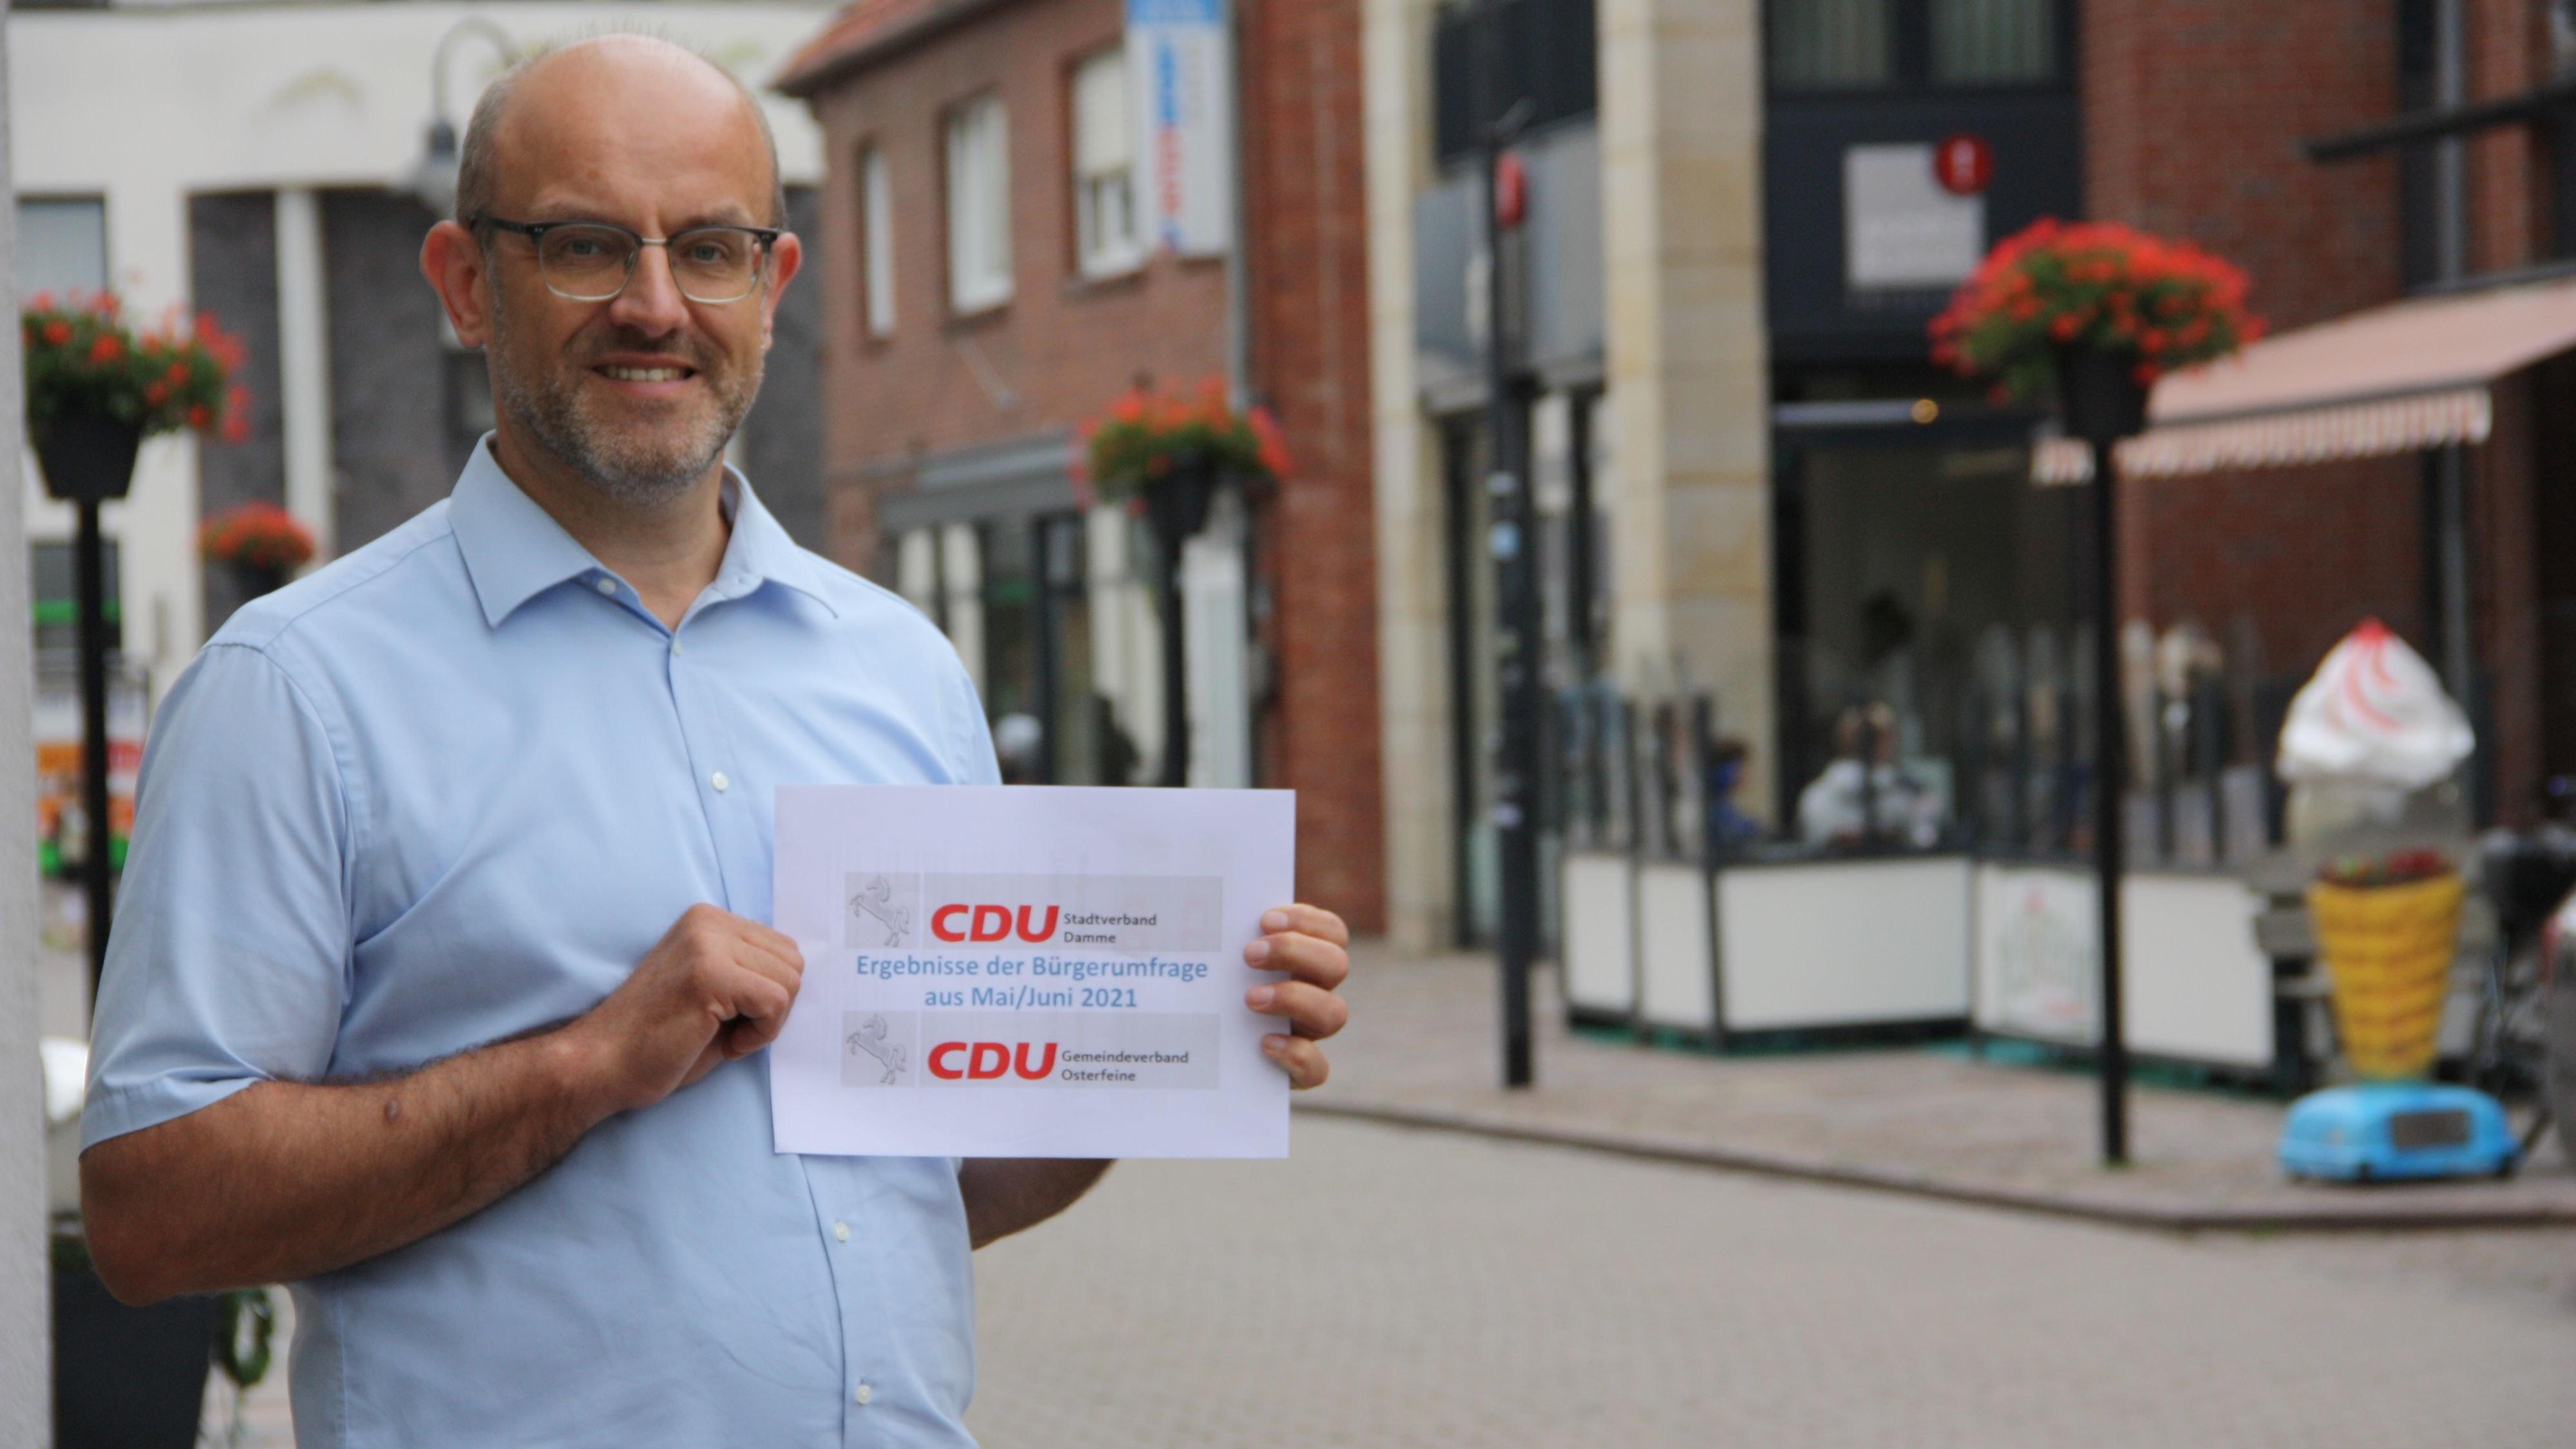 Der Vorsitzende des CDU-Stadtverbandes, Jürgen Osterhues, präsentiert die Ergebnisse: Die Dammer wünschen sich eine grünere Innenstadt. Foto: Bernhardt